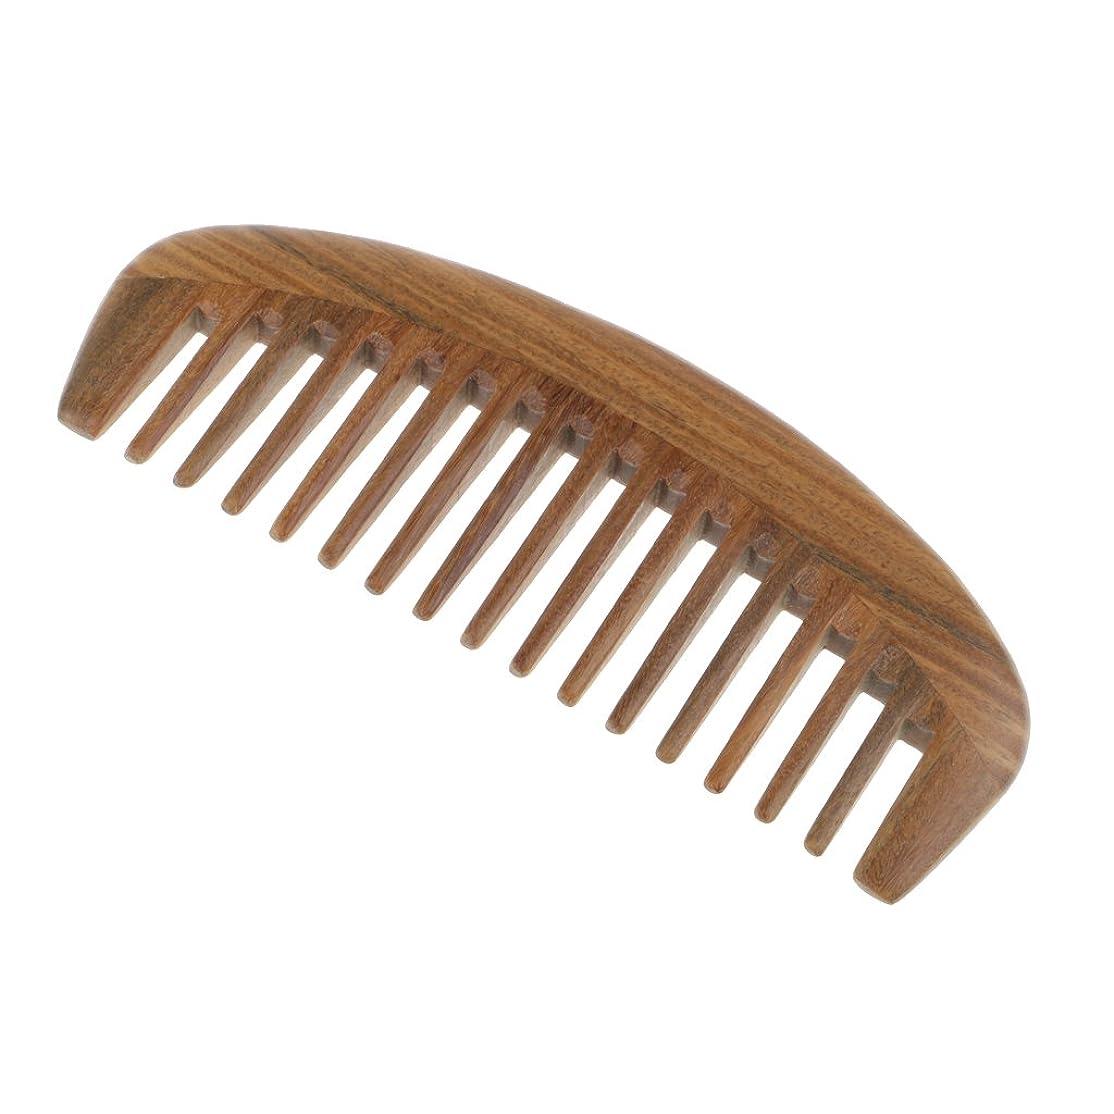 連続した抑止する文献CUTICATE 木製櫛 ウッドコーム 帯電防止 ヘッドマッサージ プレゼント